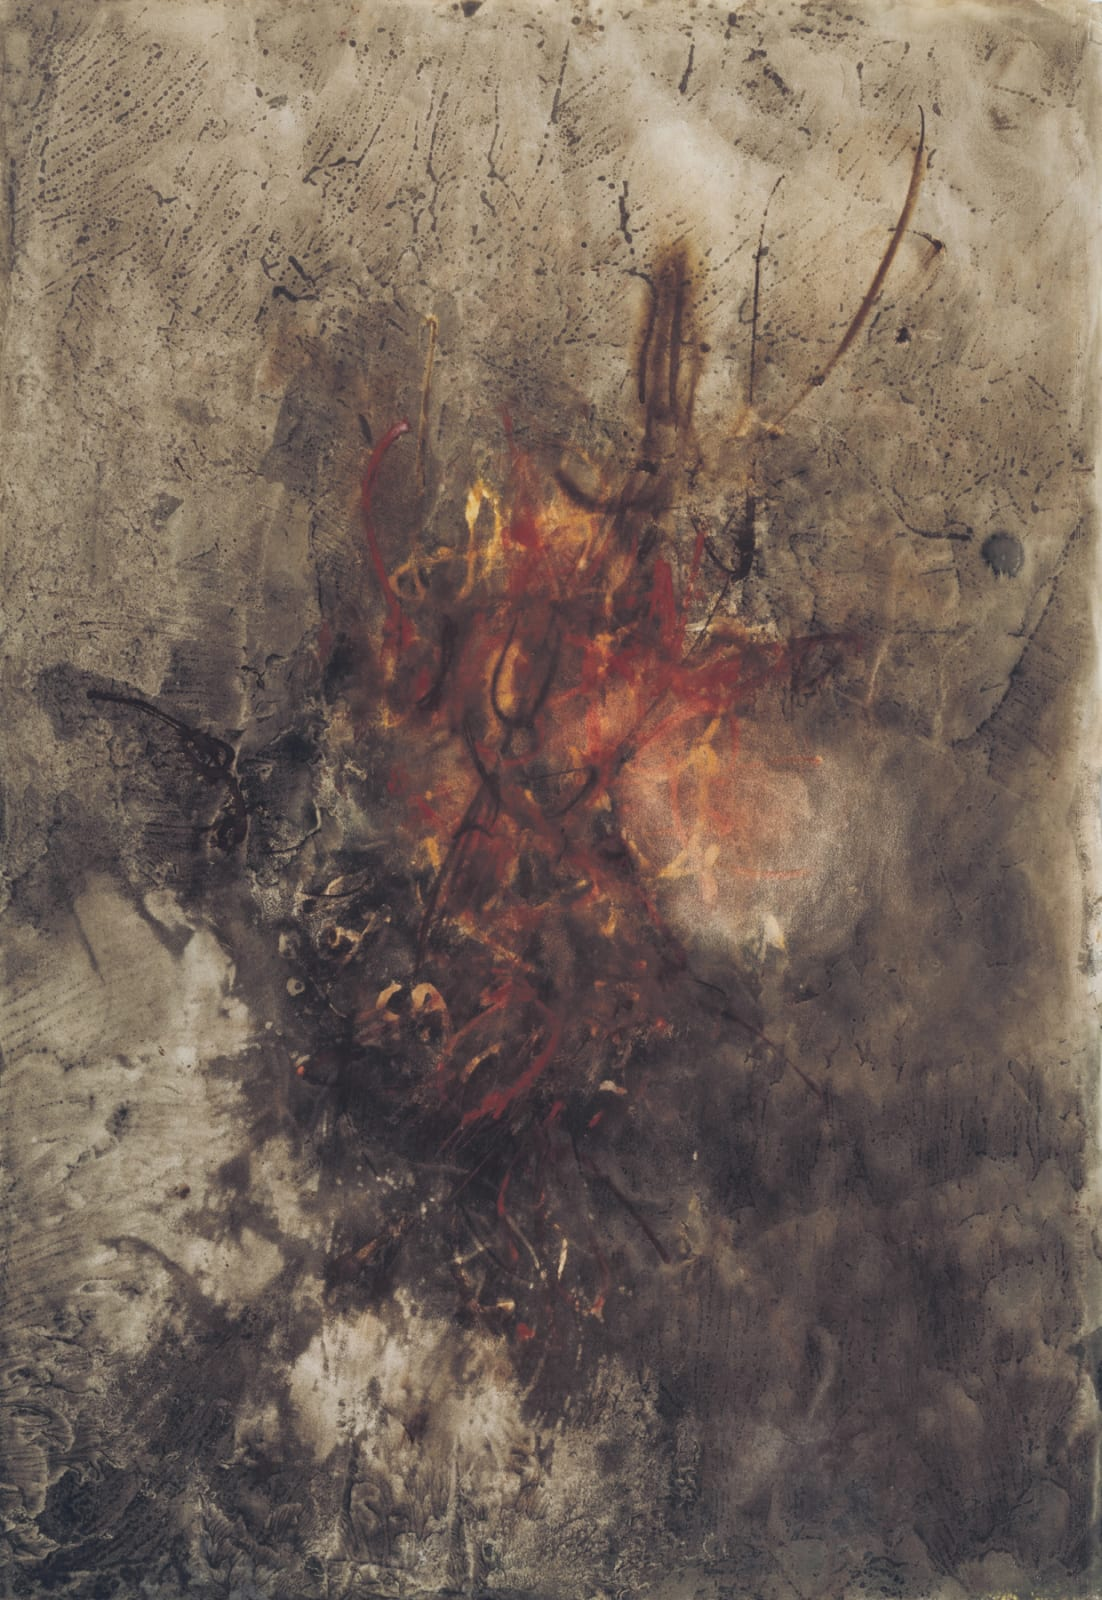 Lalan 謝景蘭, Untitled《無題》, 1958-1960